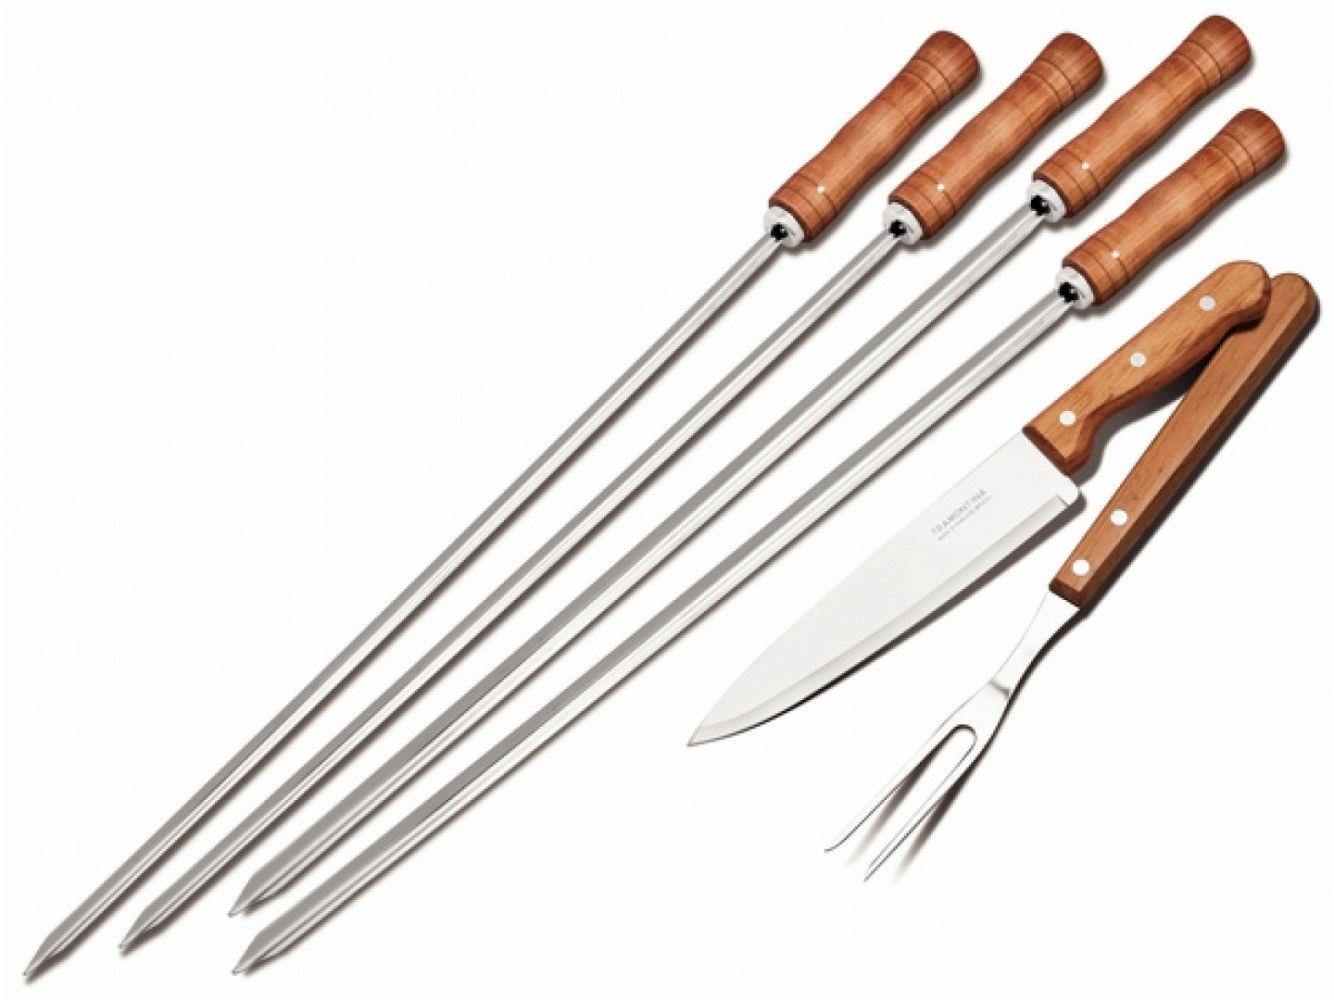 Купить Аксессуары для мангалов, барбекю, грилей, Набор для гриля Tramontina Barbecue 6 предметов (26499/027)